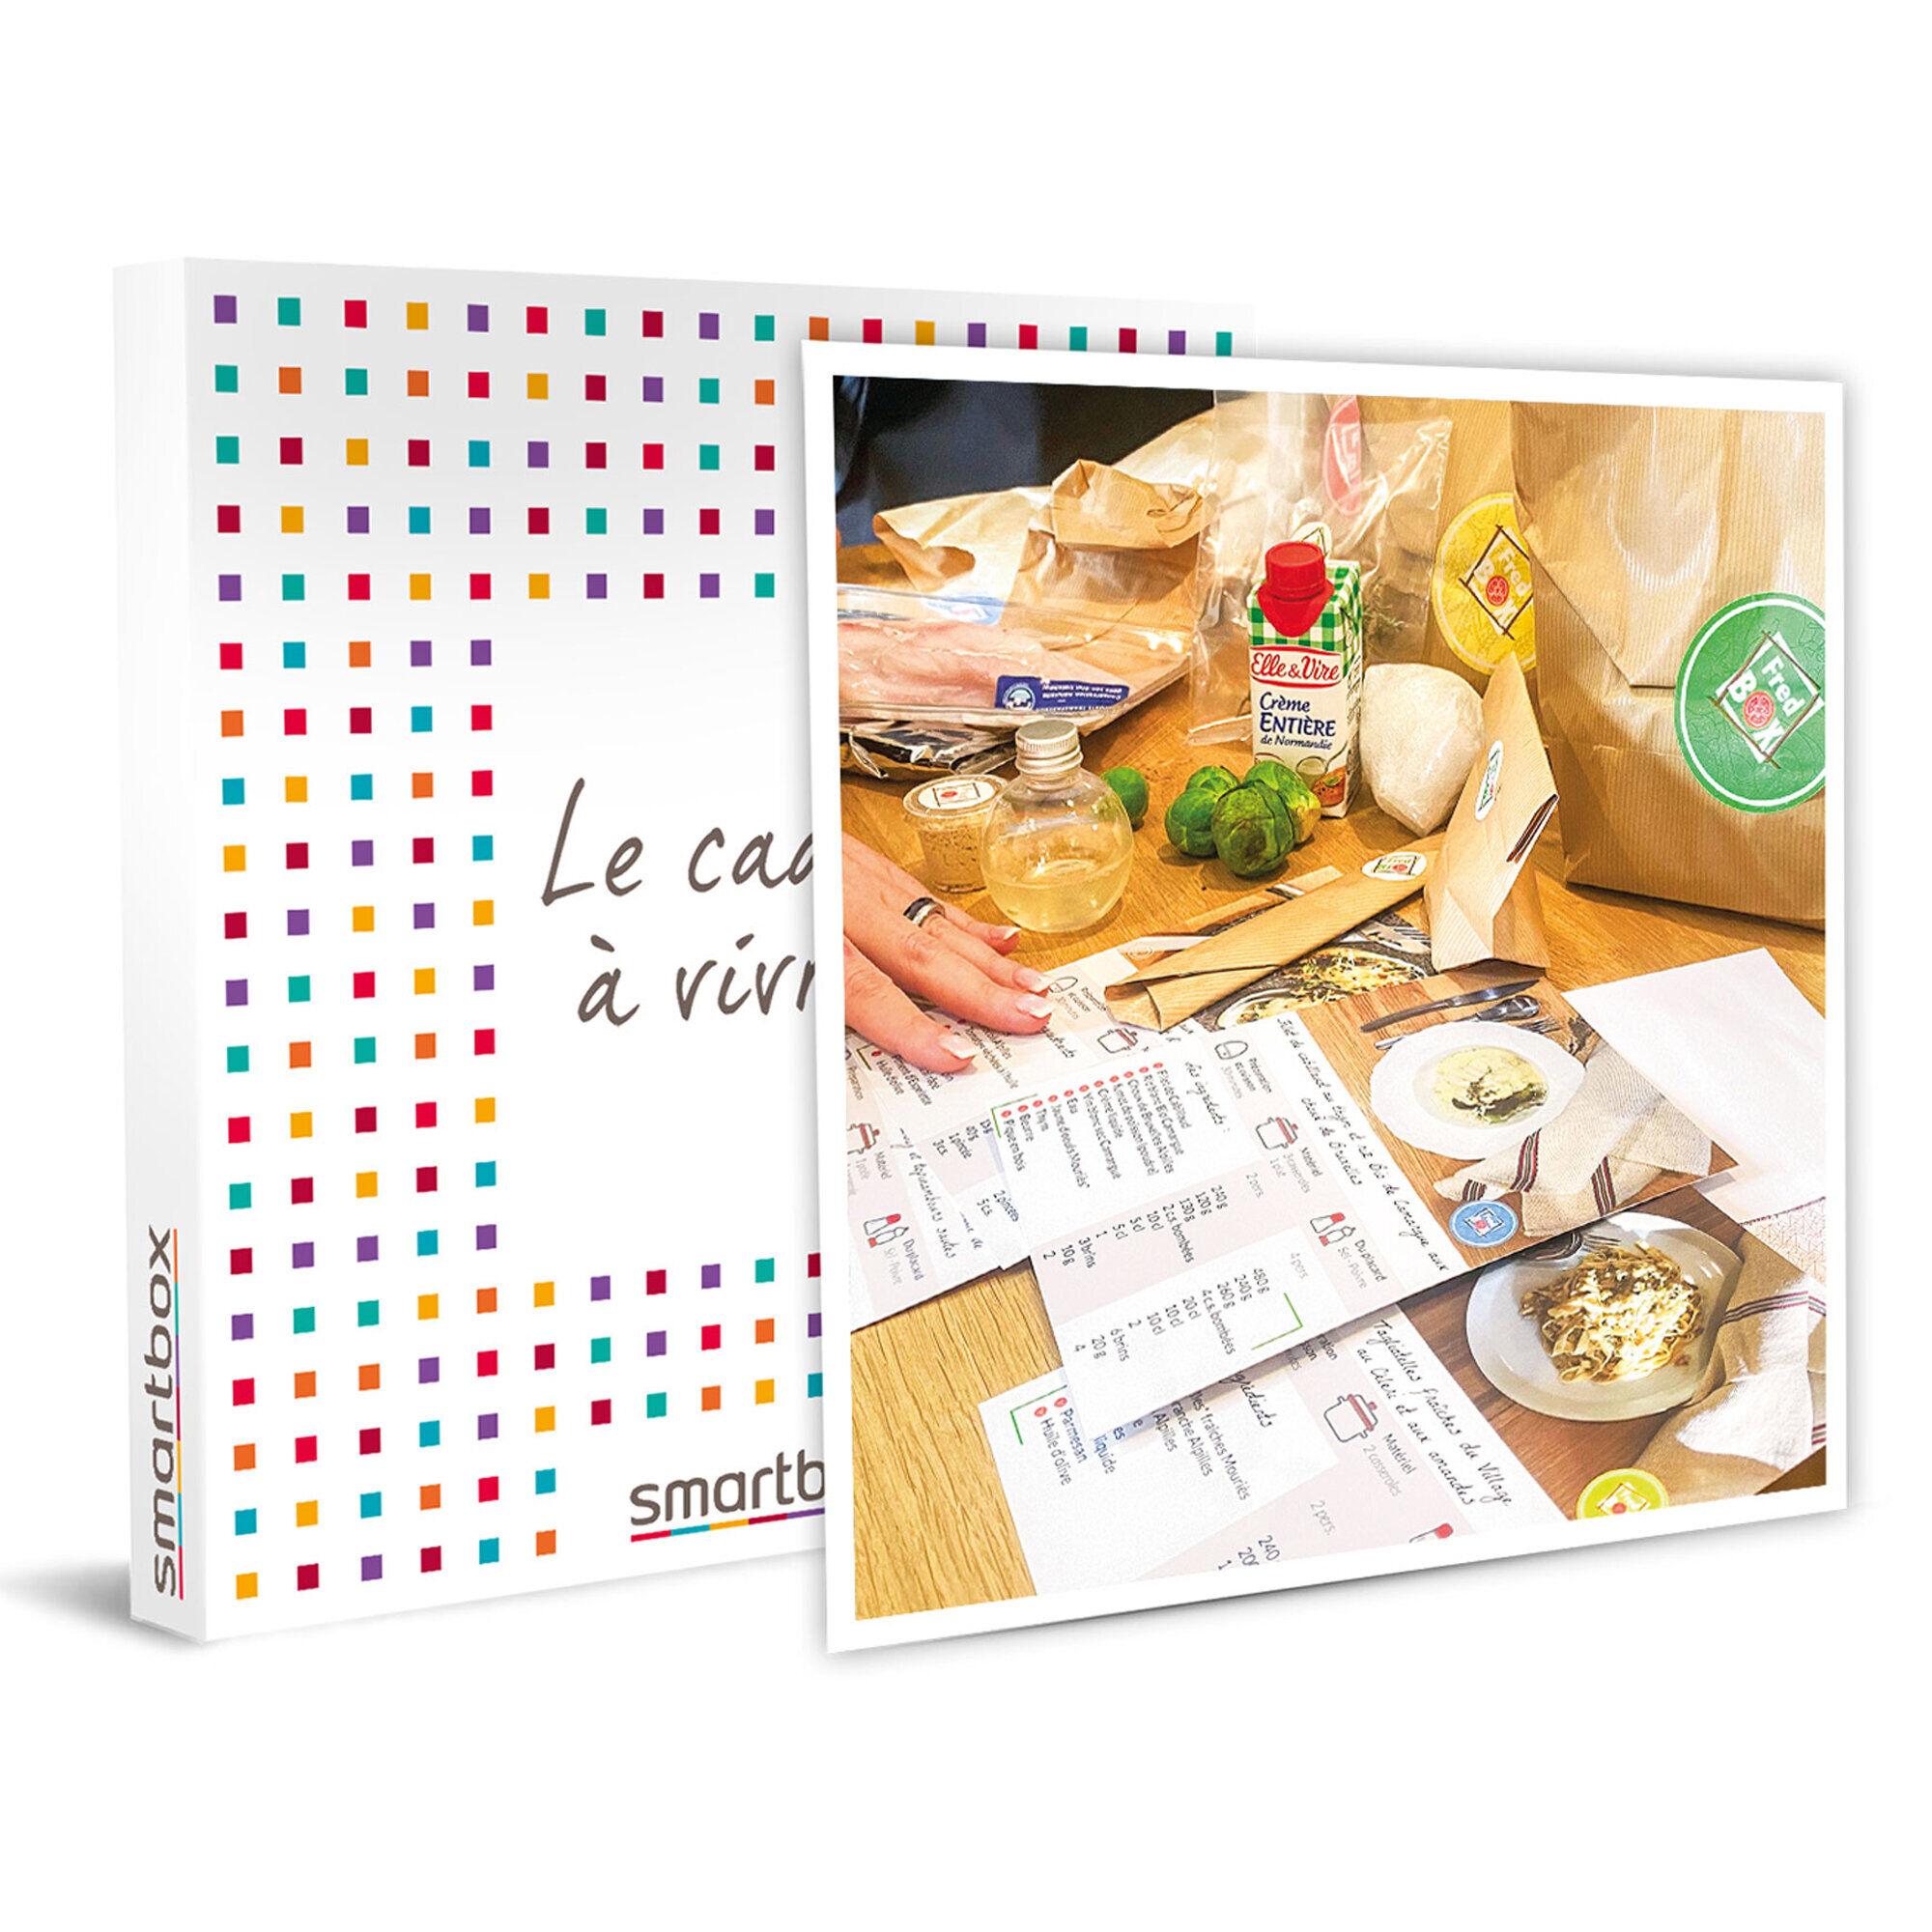 Smartbox Panier gourmet à découvrir à la maison Coffret cadeau Smartbox